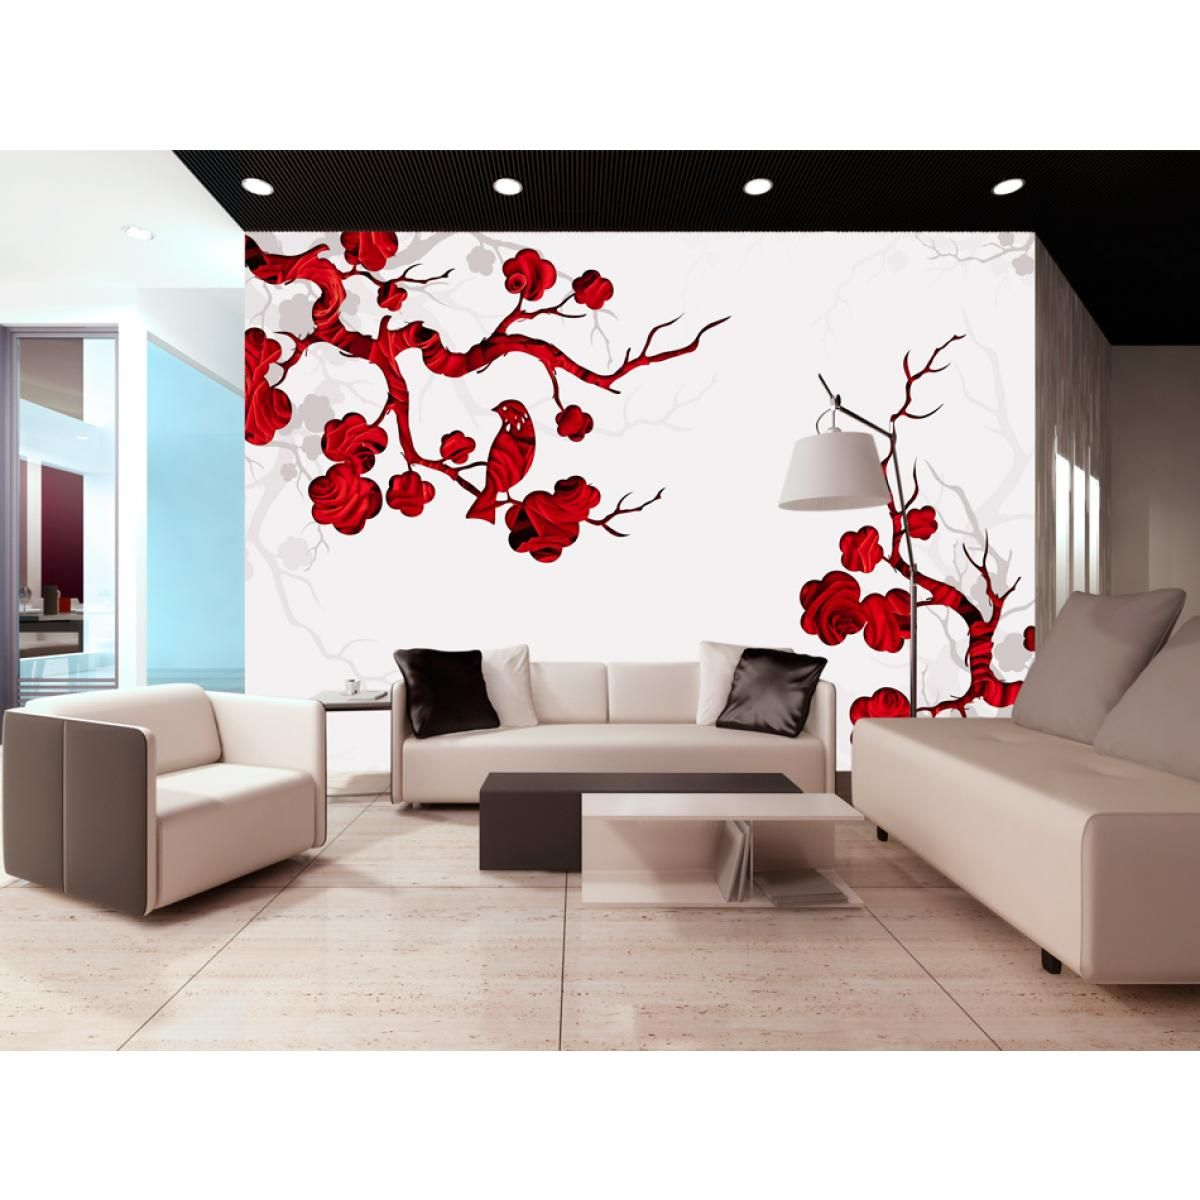 fototapete orient orientalische deko im artgeist online. Black Bedroom Furniture Sets. Home Design Ideas